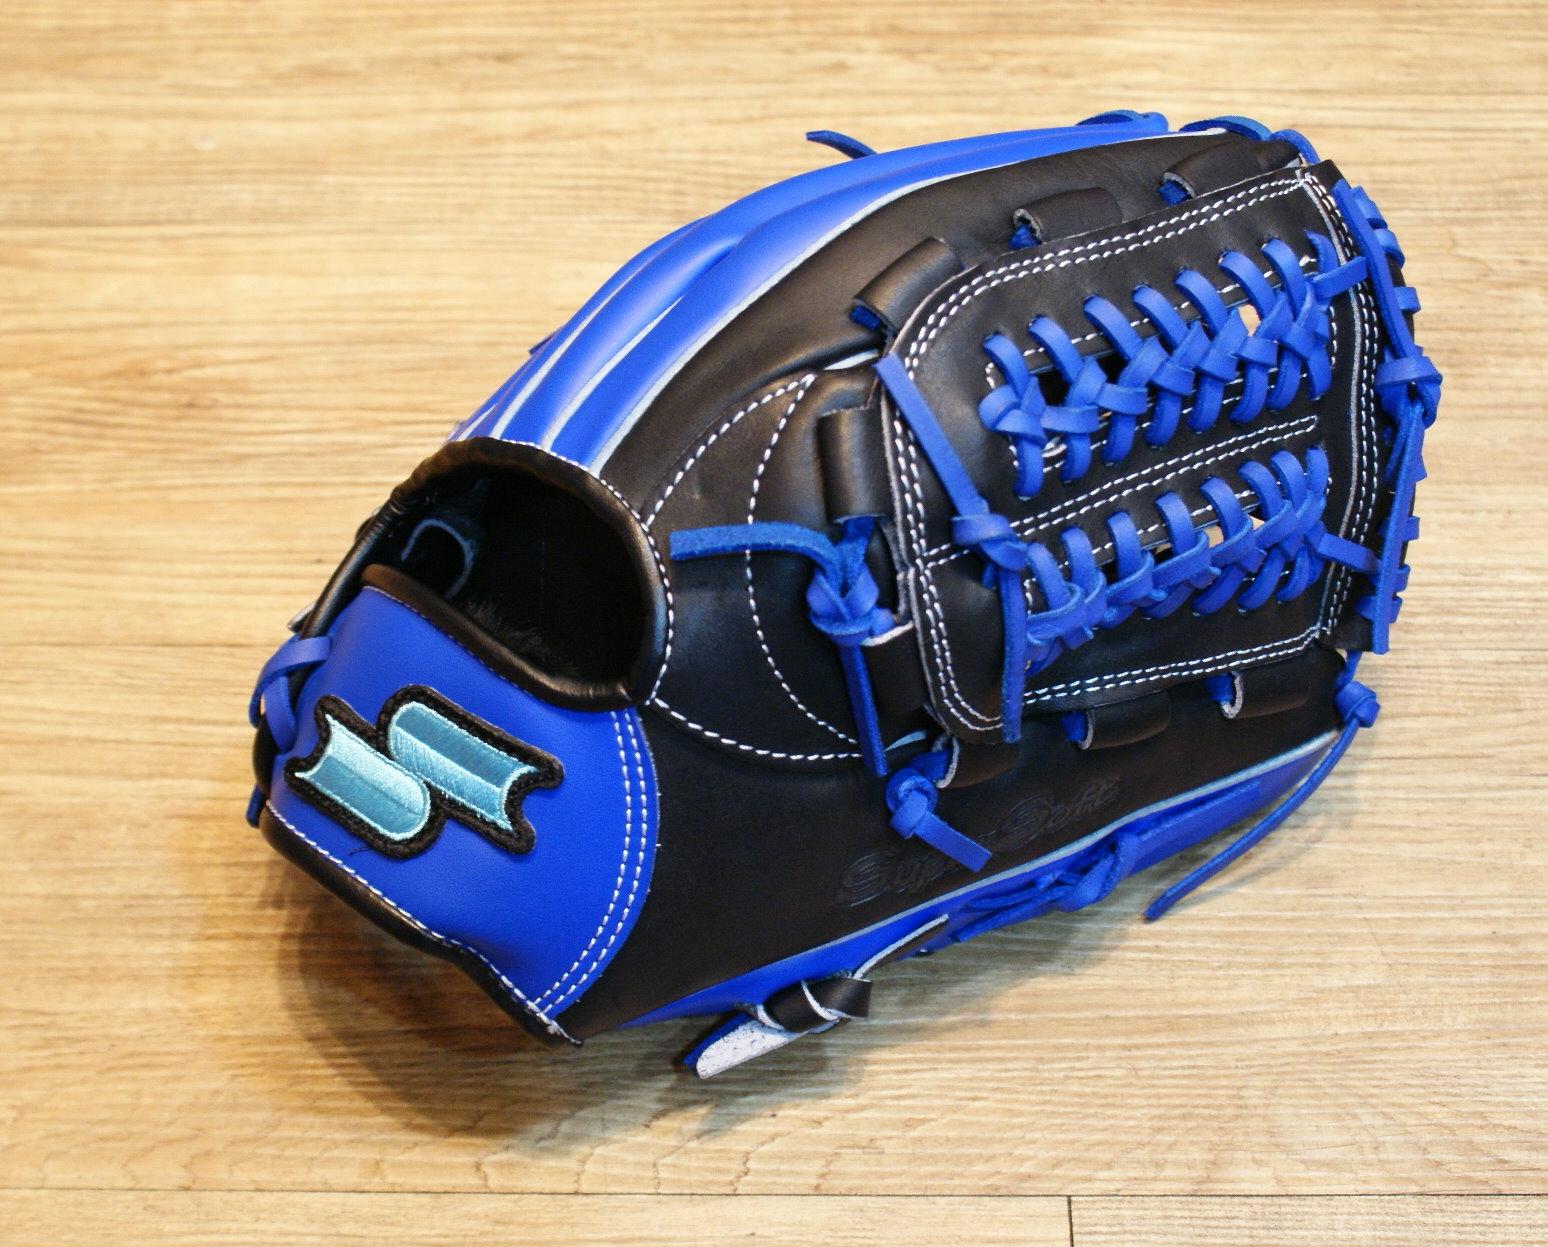 棒球世界 全新SSK SUPER SOFT 棒壘球手套 特價 黑藍配色